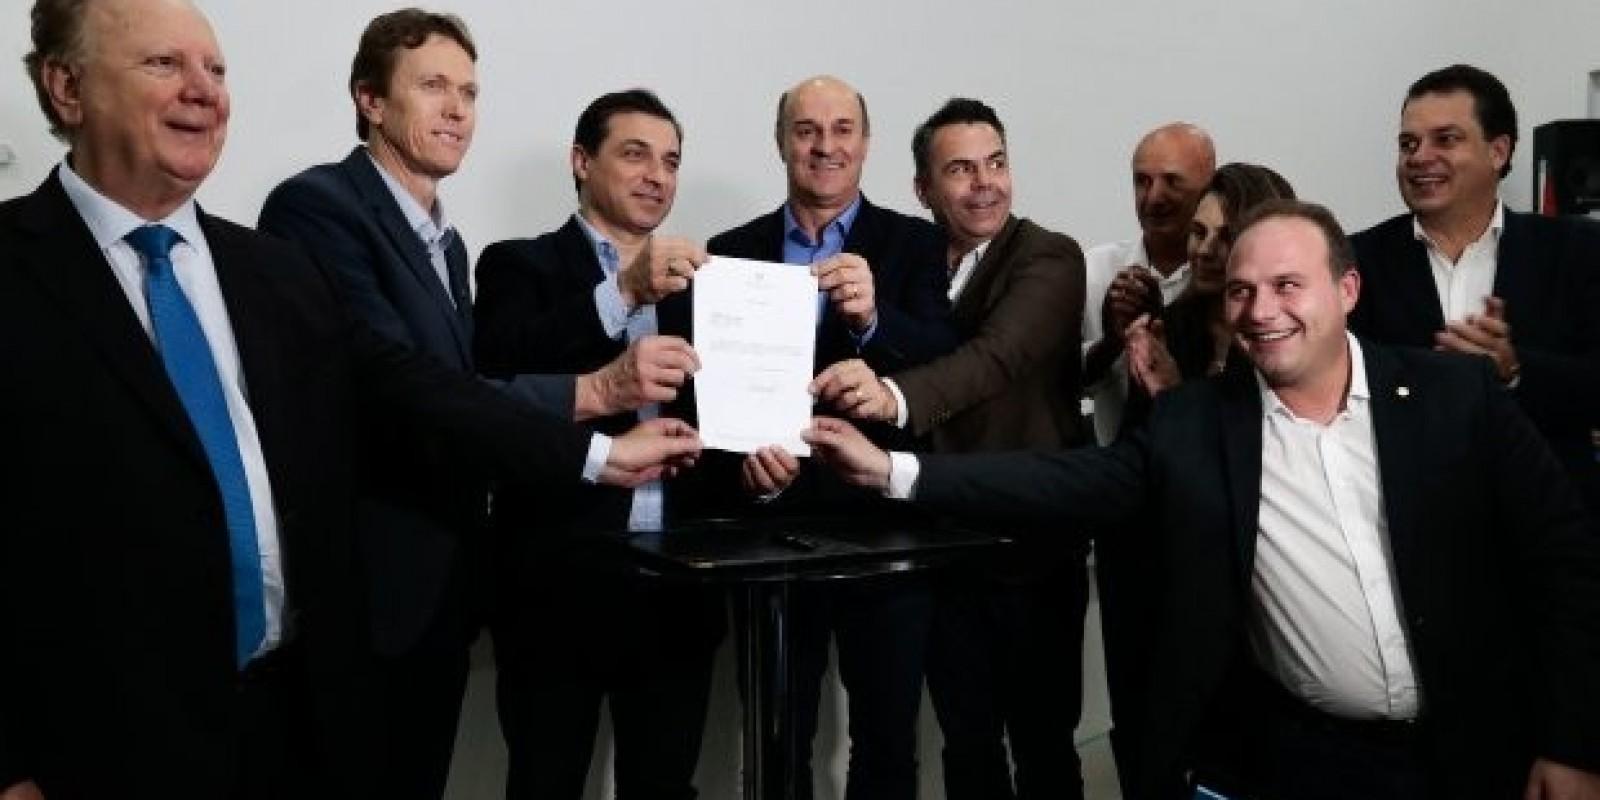 Governador libera R$ 15,8 milhões para construção de ponte sobre o Rio Araranguá